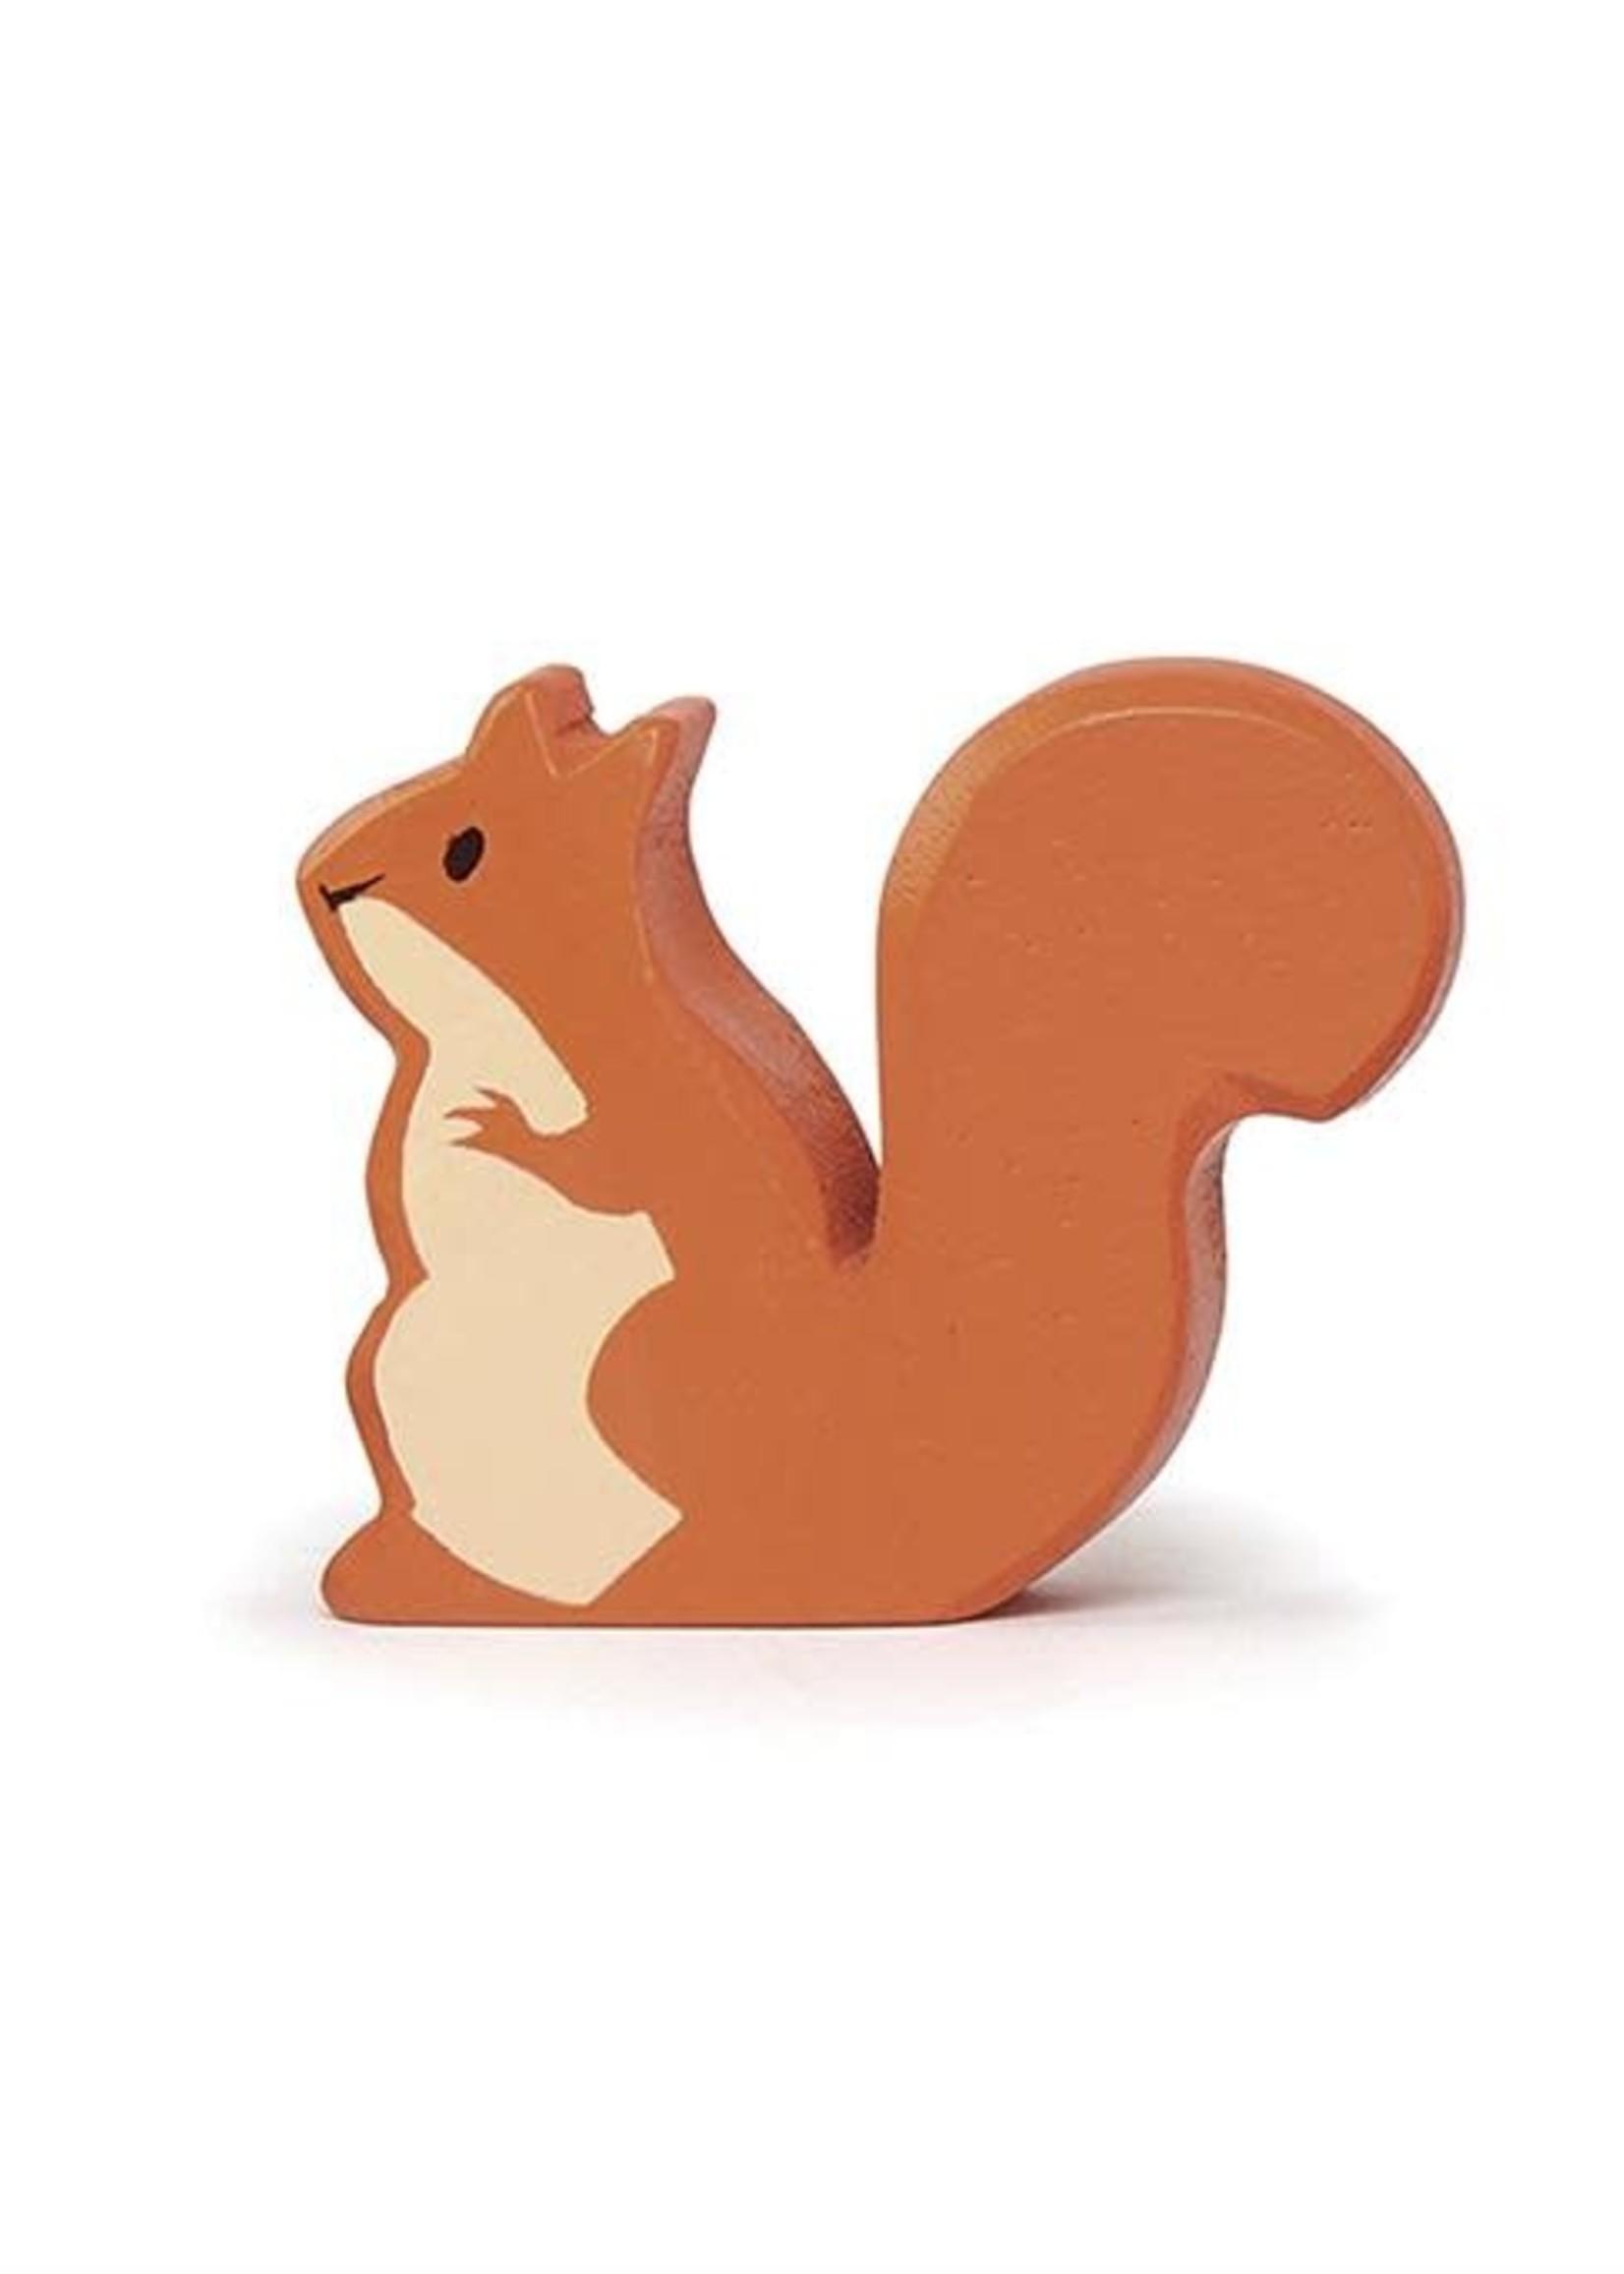 Tender Leaf Toys Houten bosdier - Rode eekhoorn